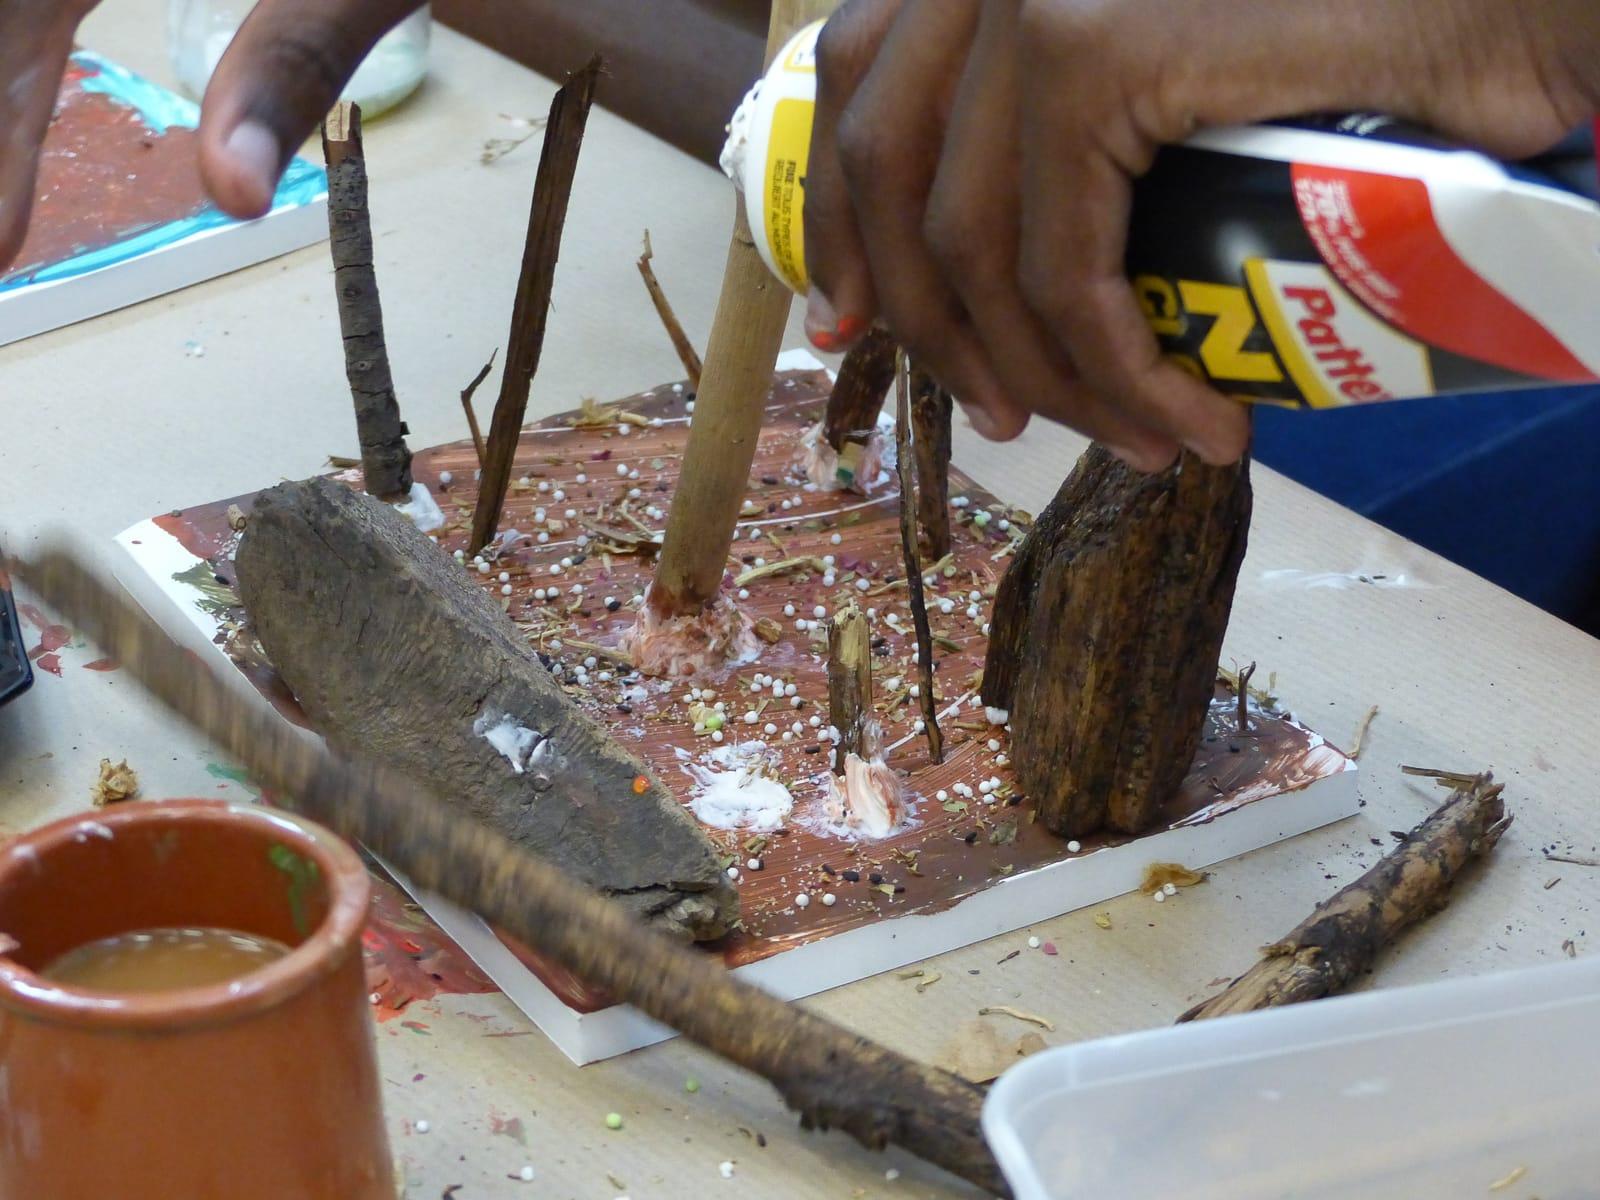 Ateliers les enfants du patrimoine un jardn dans ma main CAUE 94®Hermeline carpentier